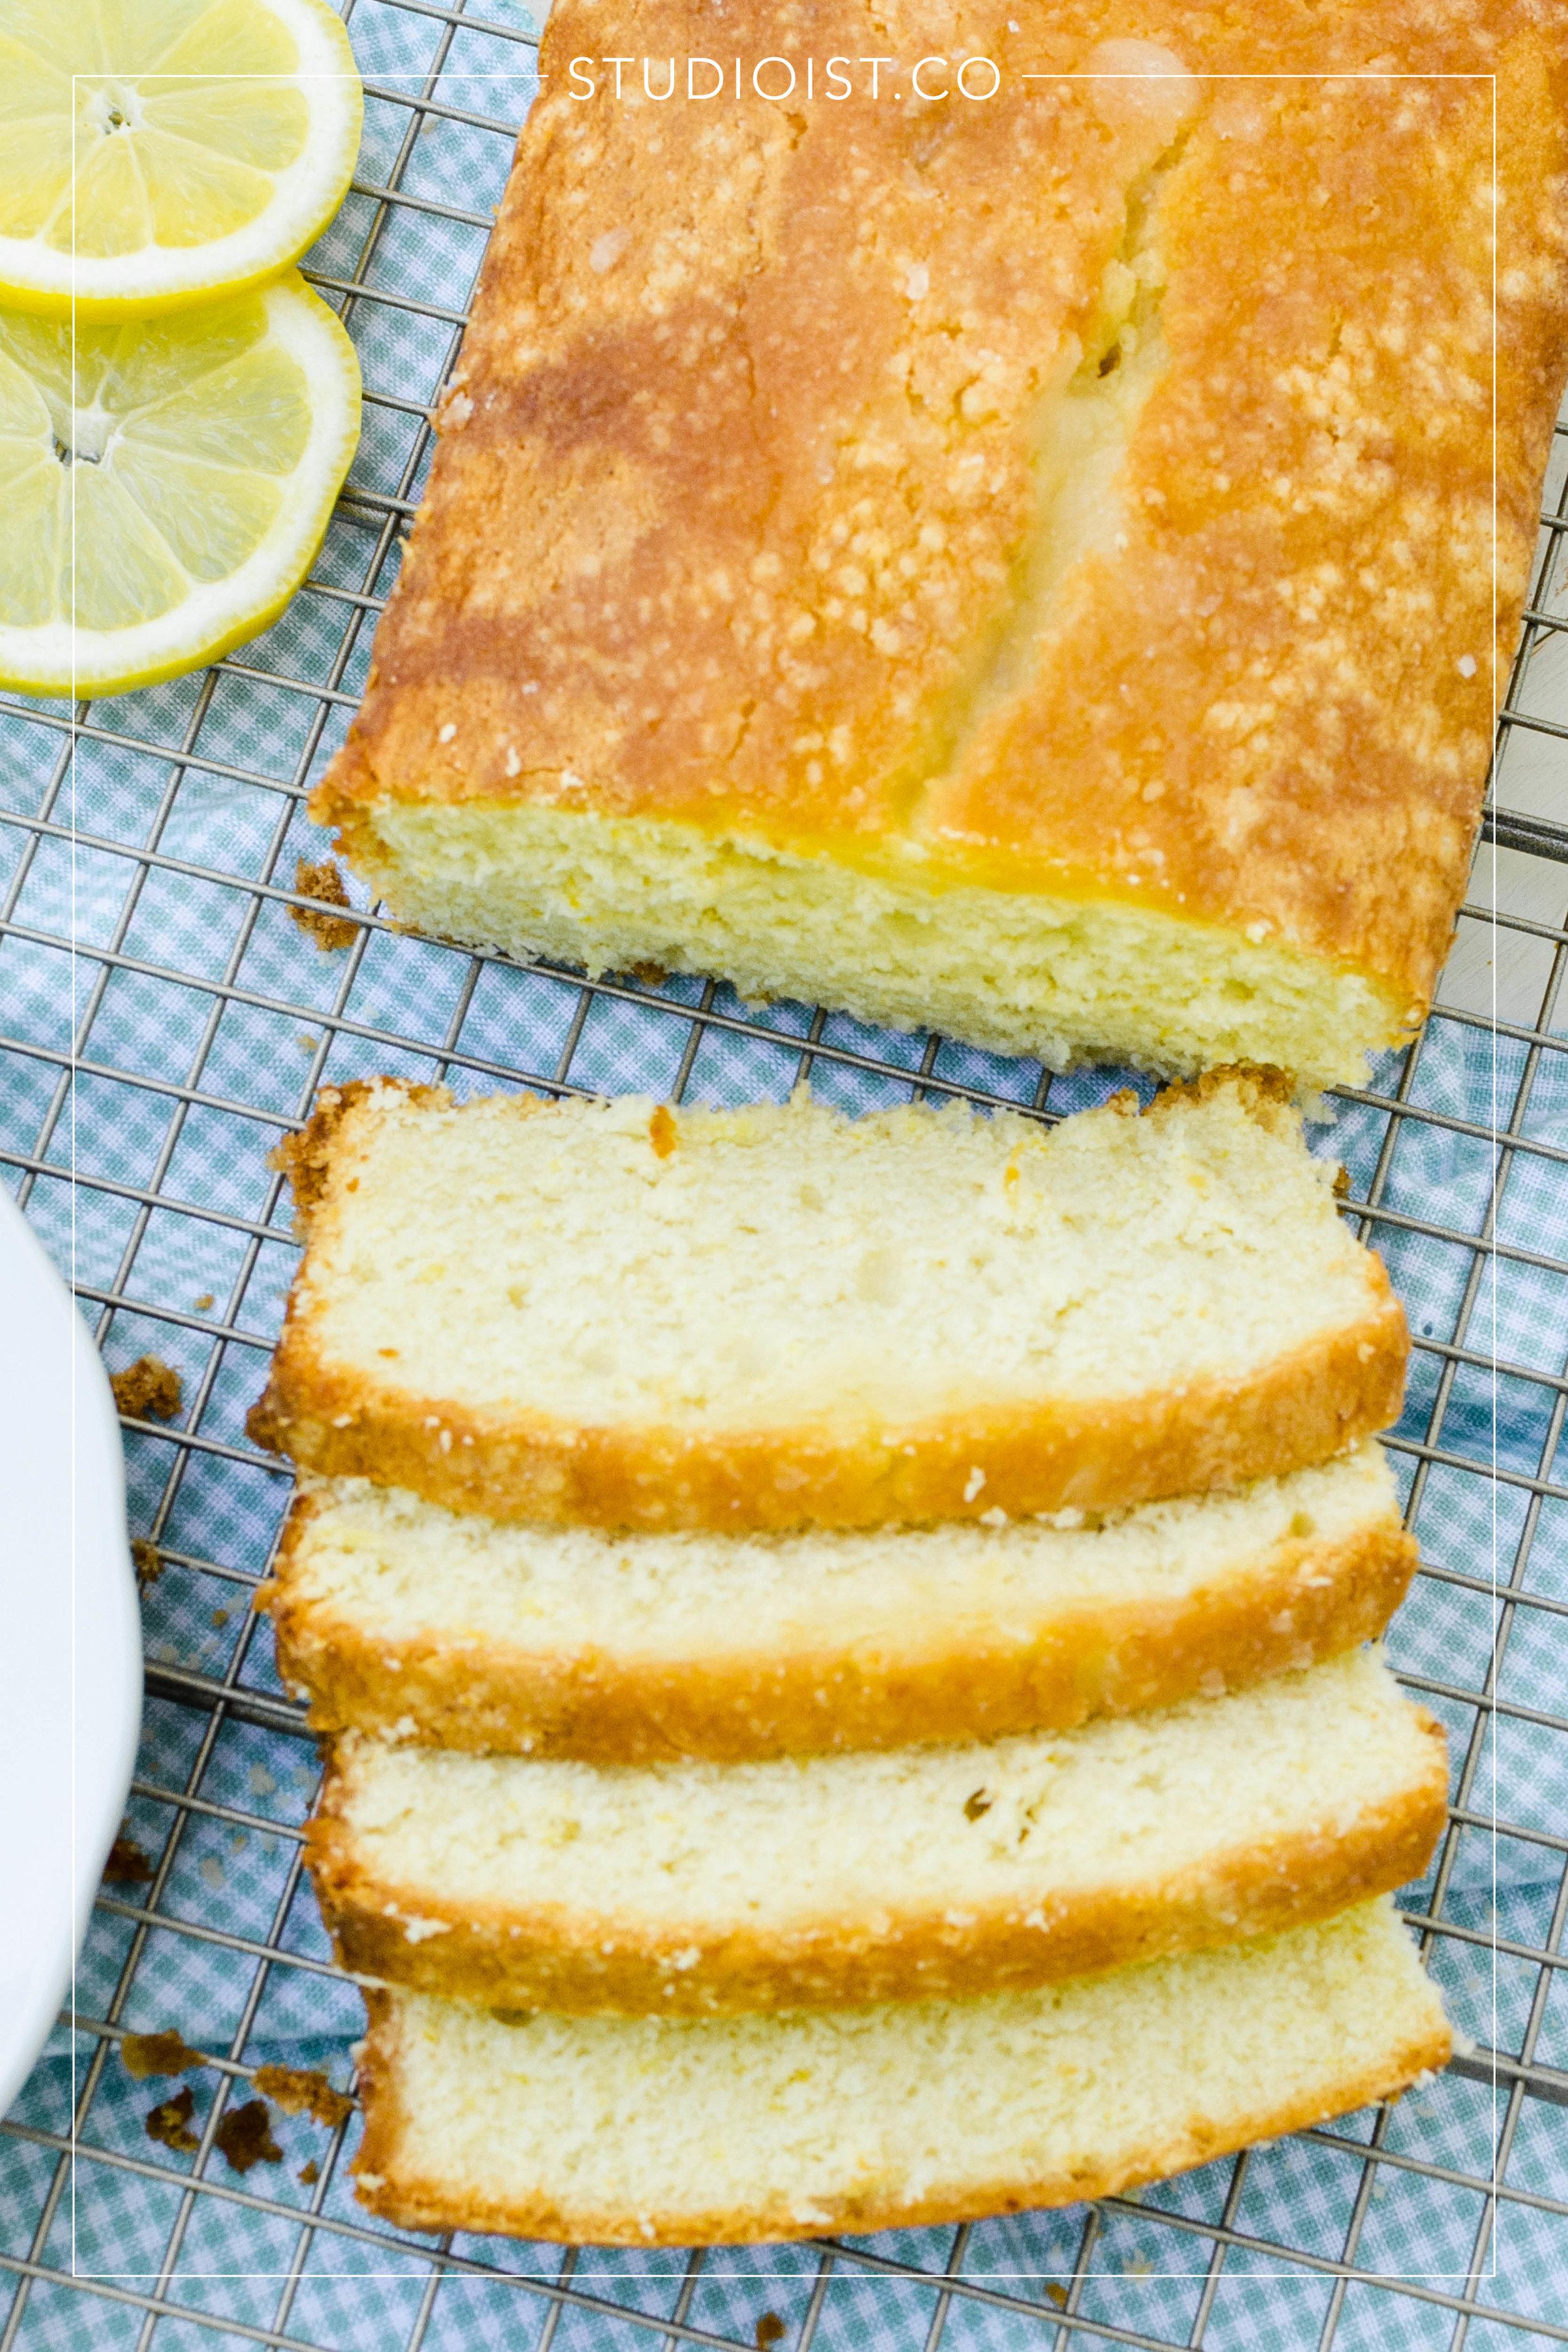 Studioist_Pinterest Design_Lemon Loaf3.jpg